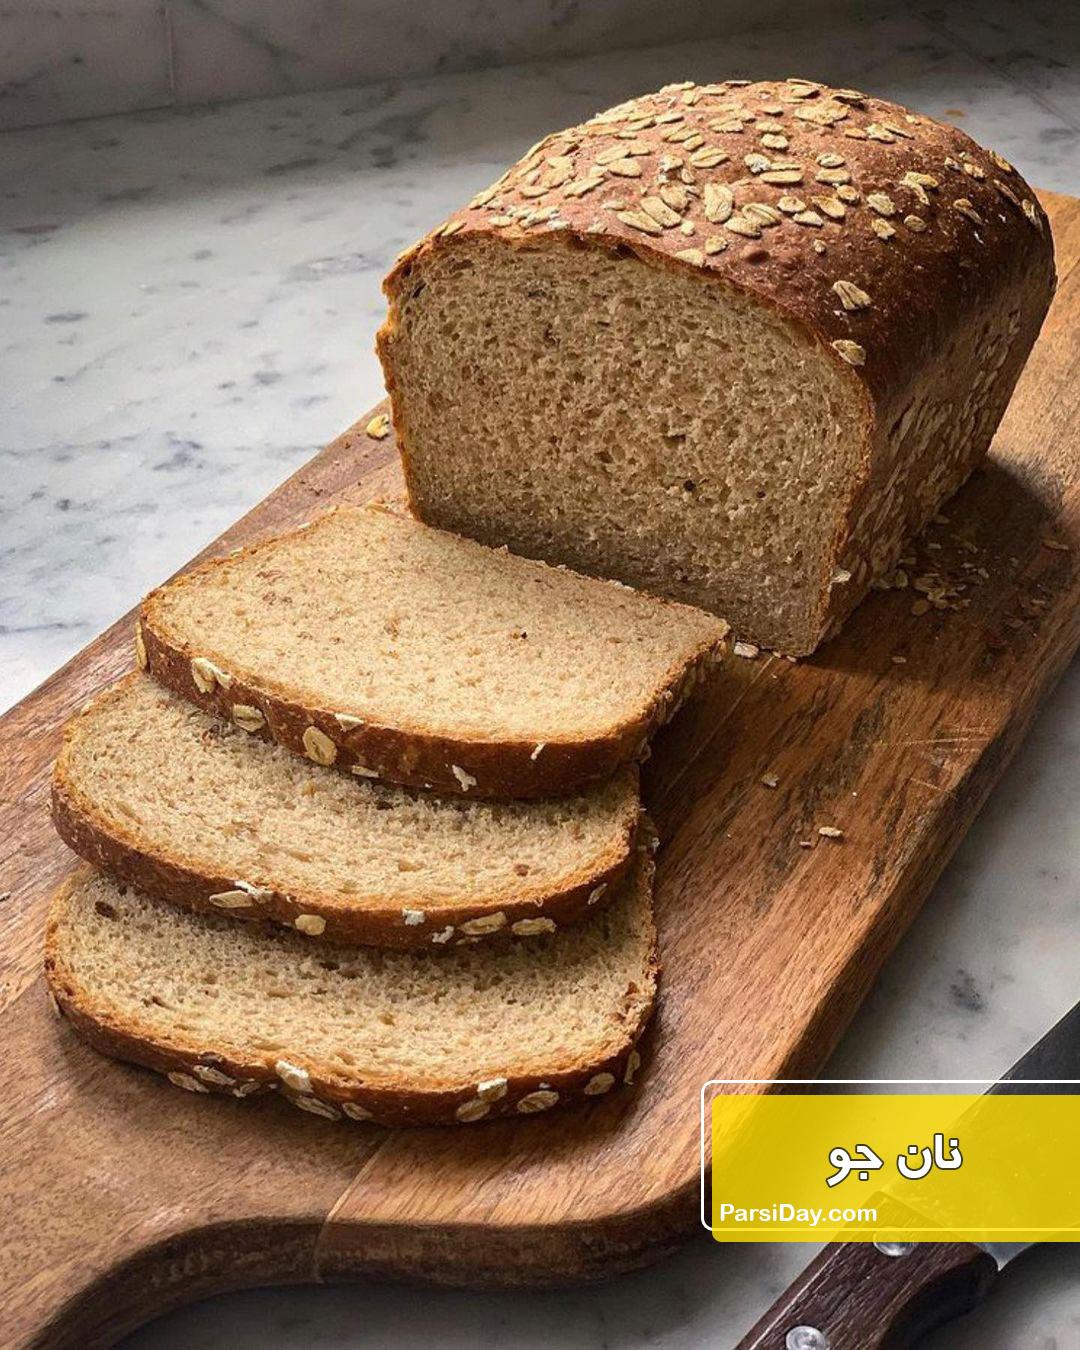 طرز تهیه نان جو رژیمی خانگی سبوس دار با جو پرک و آرد جو